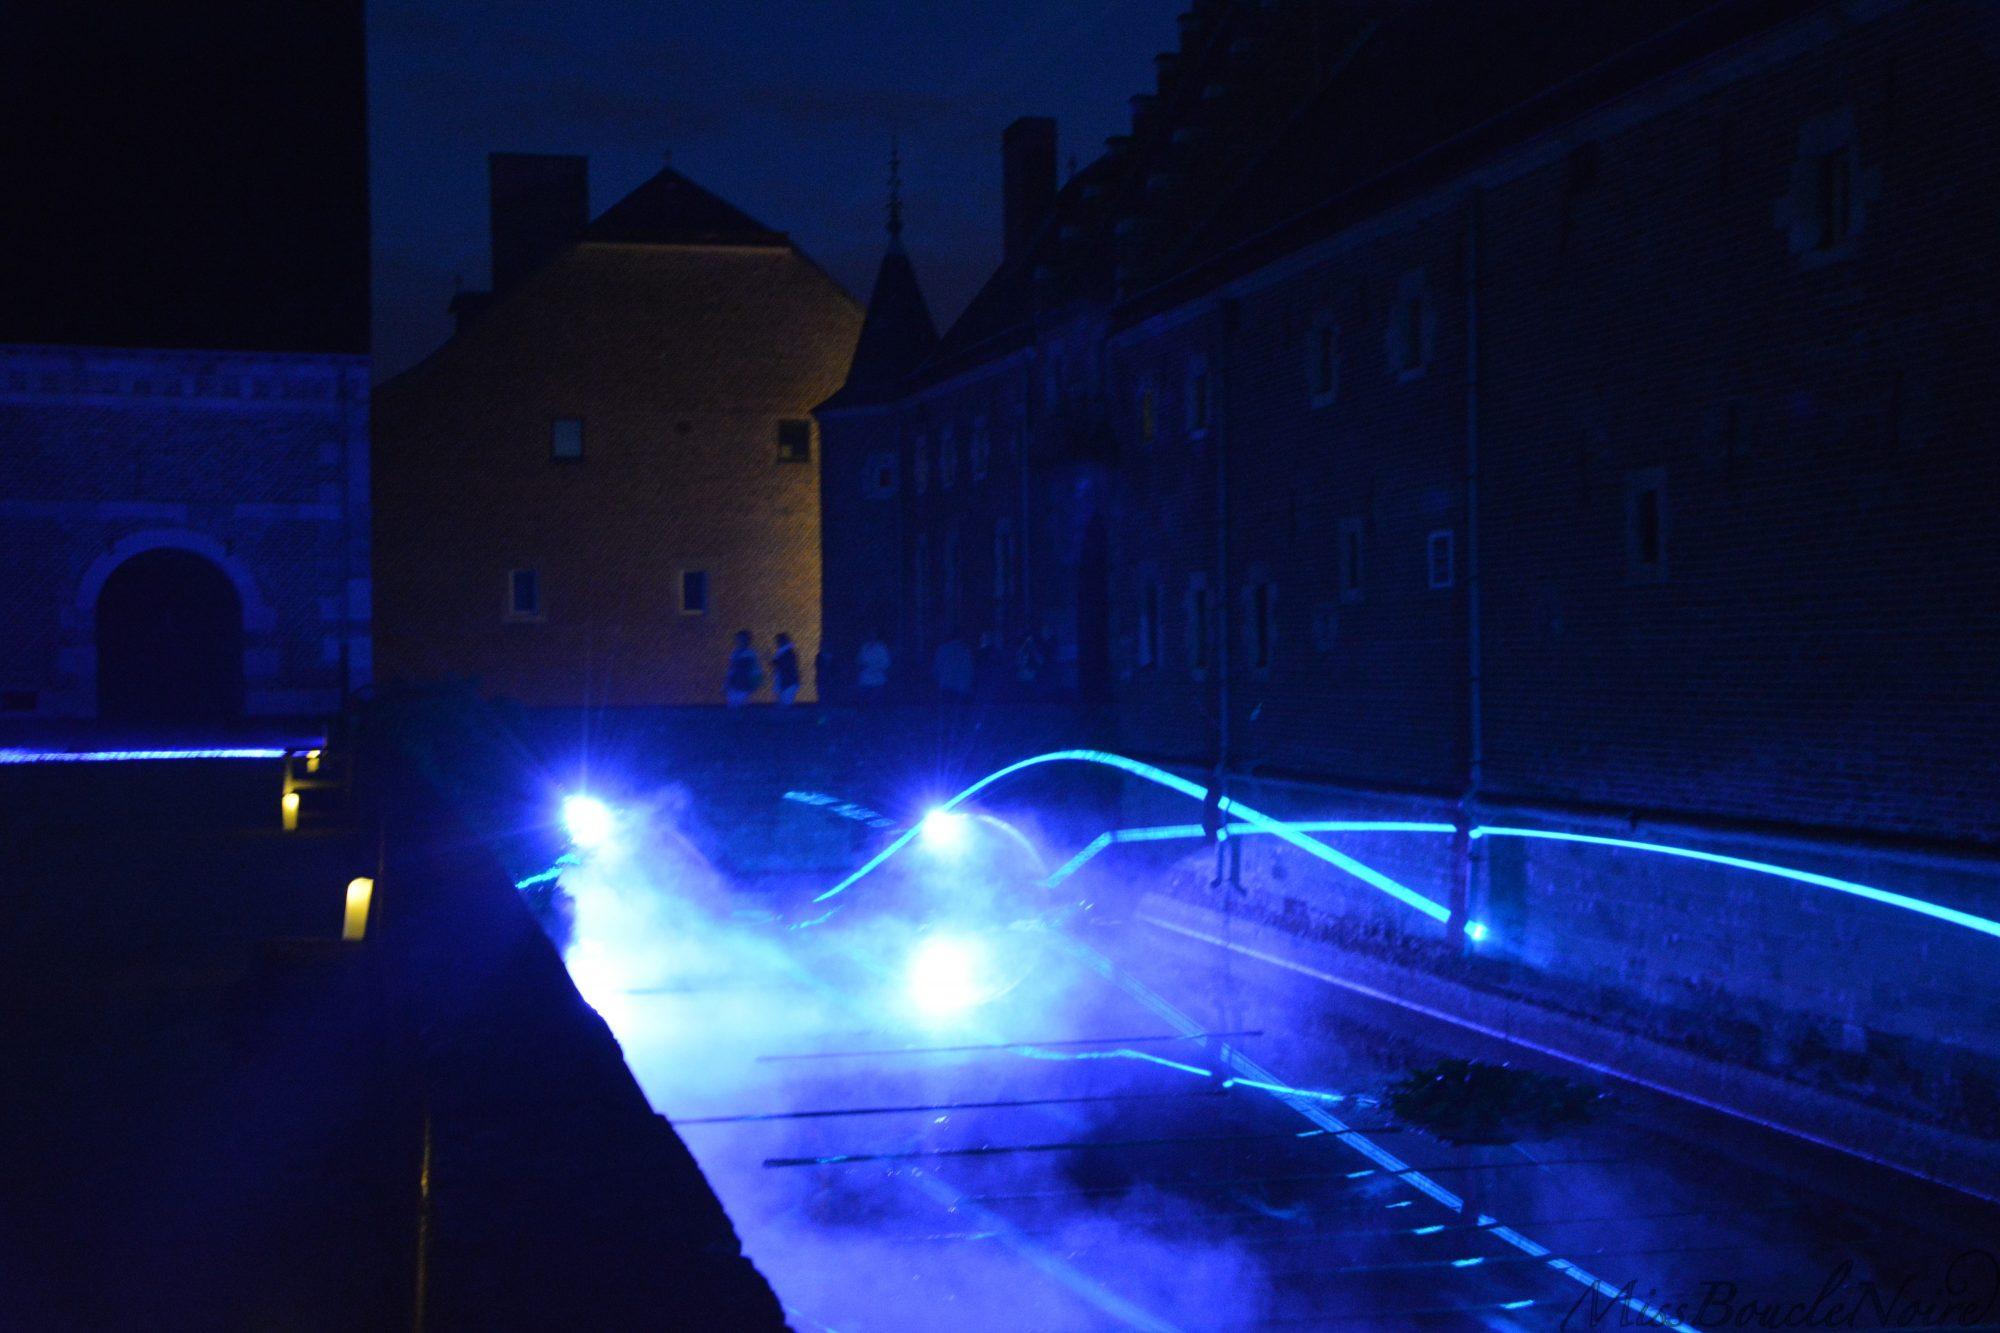 Un très beau jeu de lumières lasers dans les douves du château d'Alden Biesen...